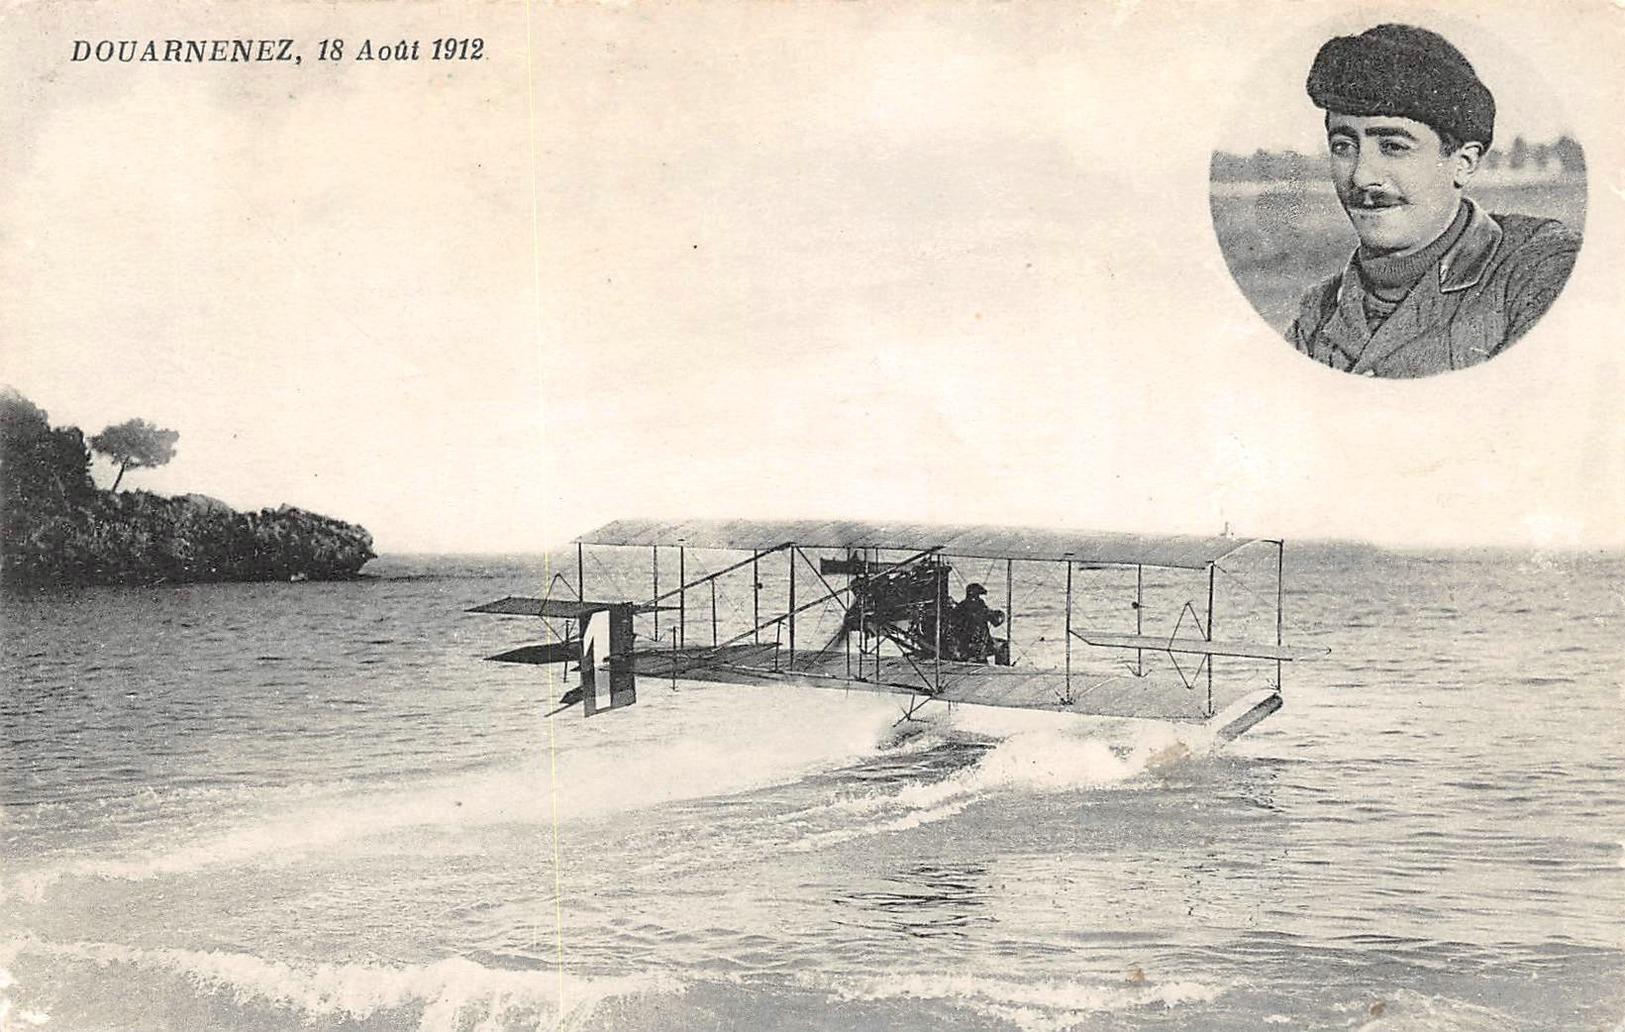 DOUARNENEZ -  AVIATION  -  Amerissage  Le 18 Aout 1912 ( RARETE ) - Douarnenez